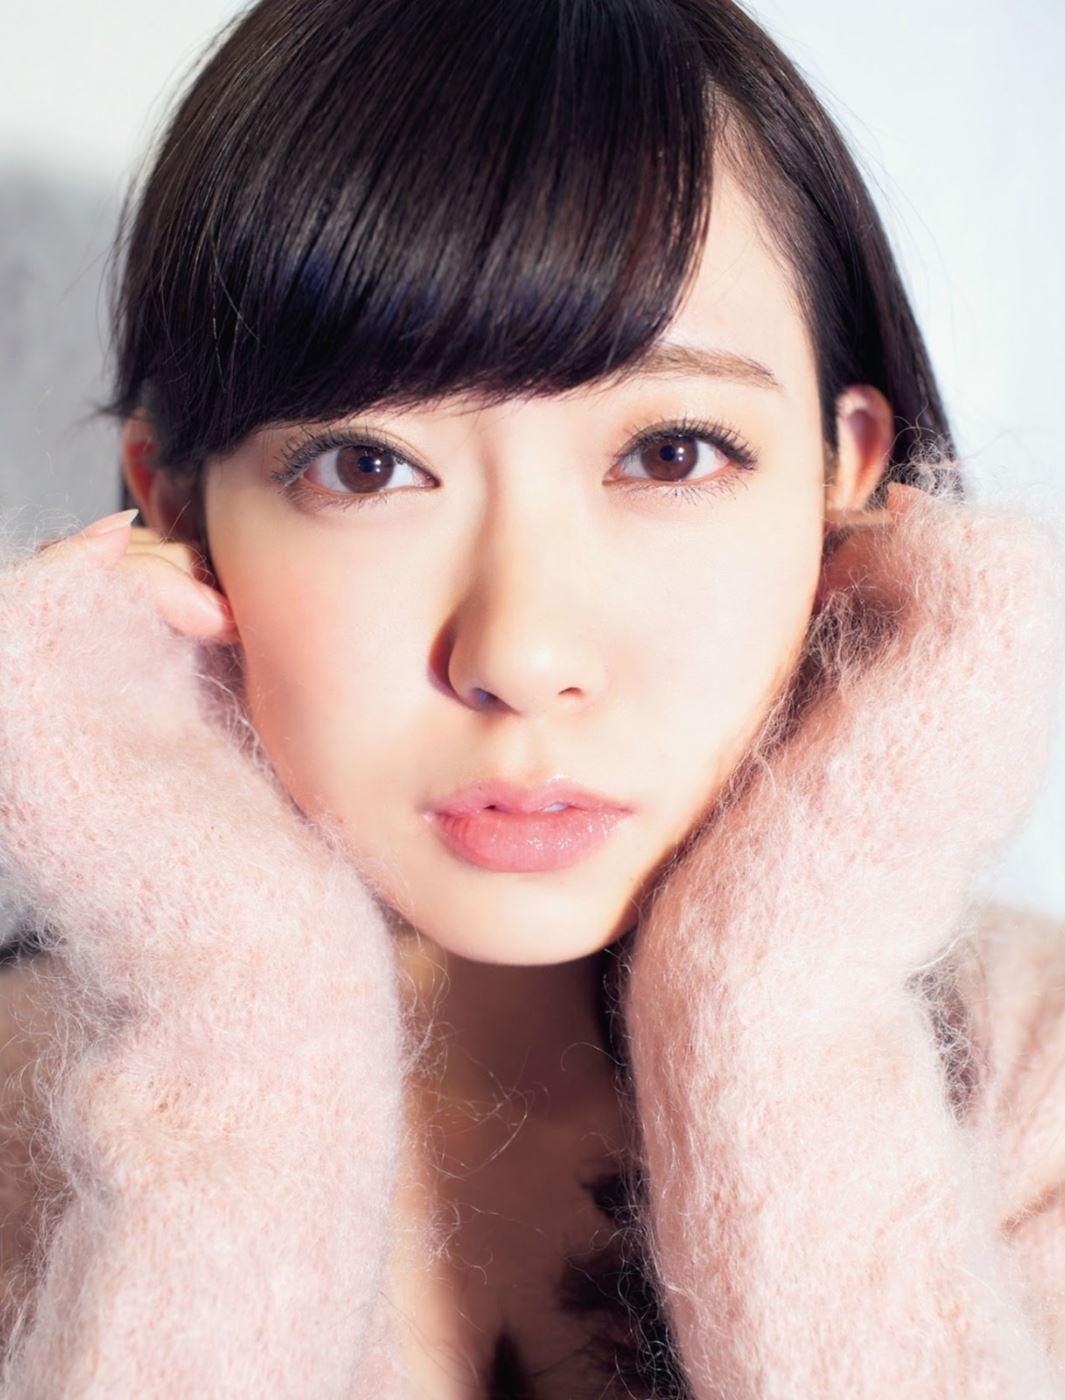 渡辺美優紀 画像 54